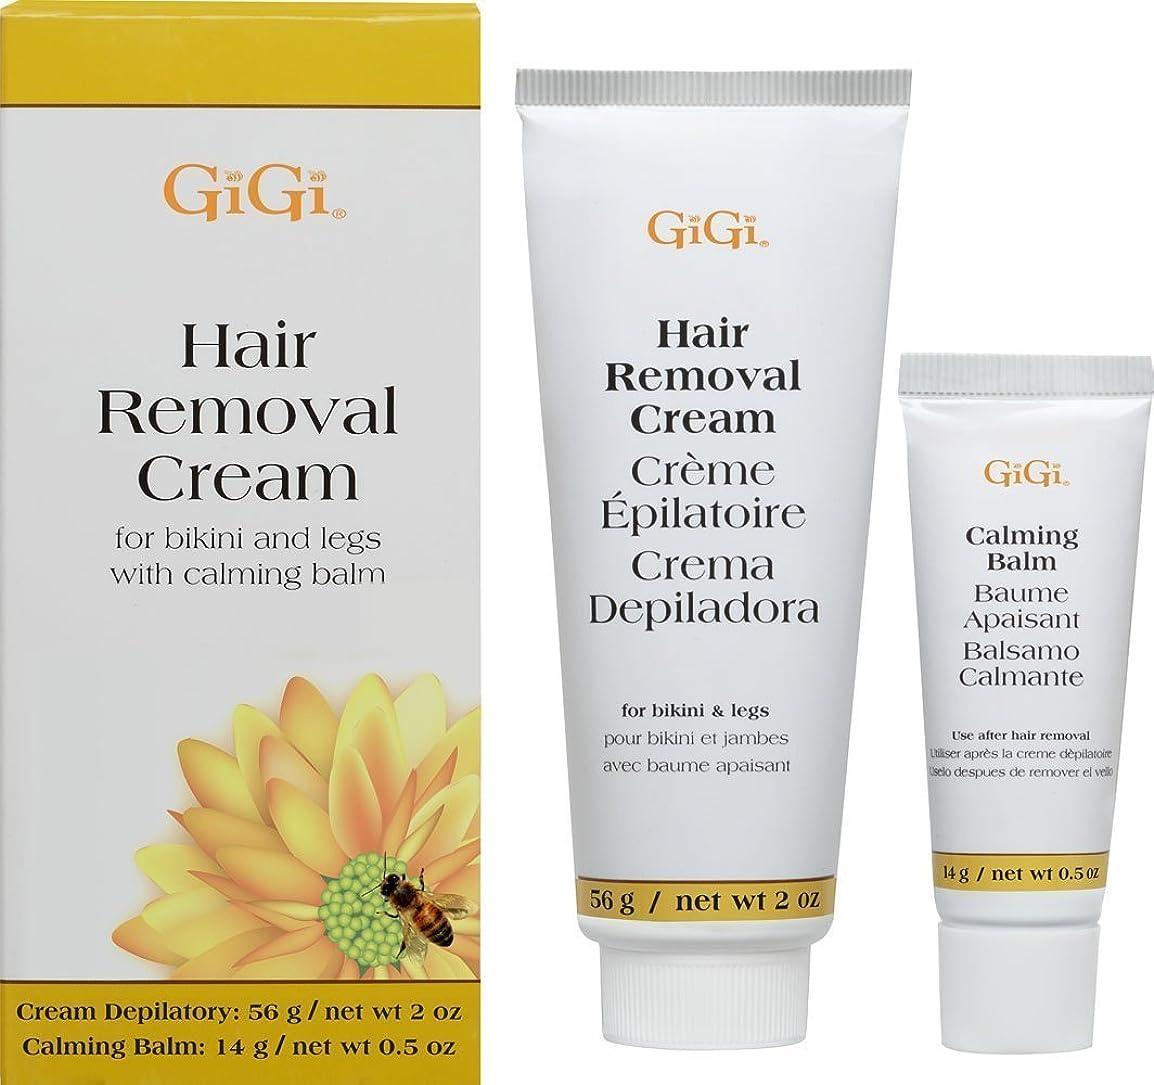 を通して混乱横向き(1) - Gigi Hair Removal Cream W/Balm For Bikini & Legs